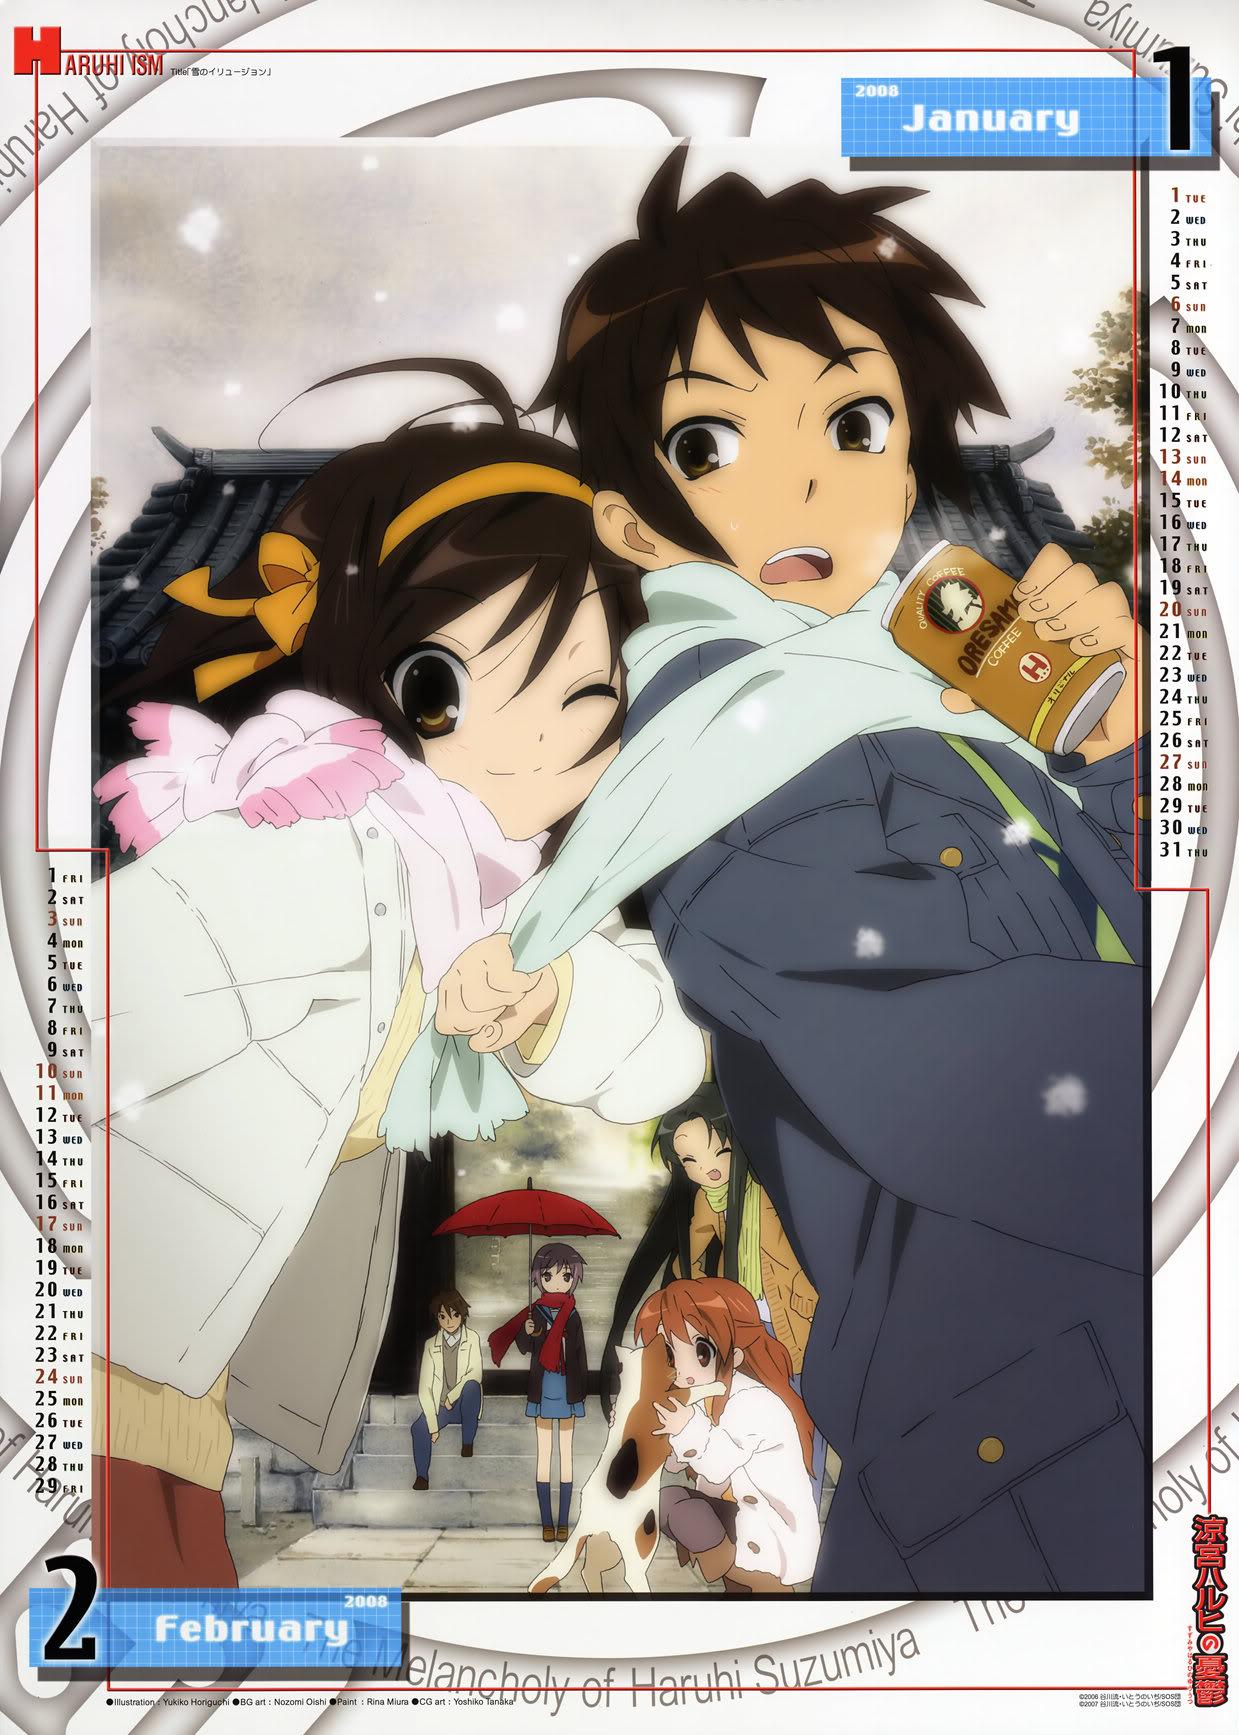 [MG] Suzumiya Haruhi no Yuuutsu Calendario 2008 SHnY2008_EneroFebrero